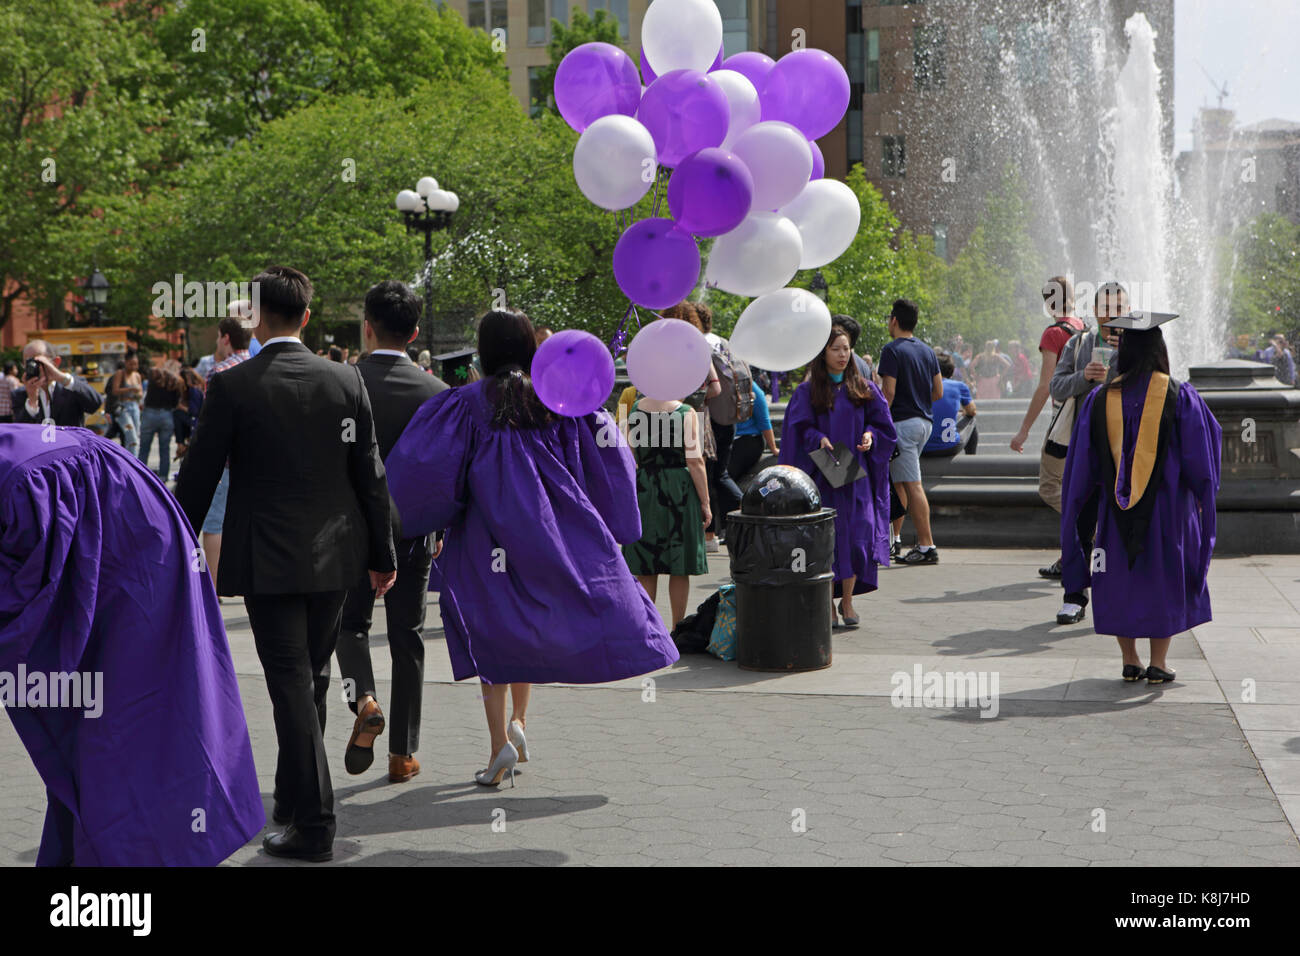 New York, NY, USA - May 16, 2017: New York University students, in ...